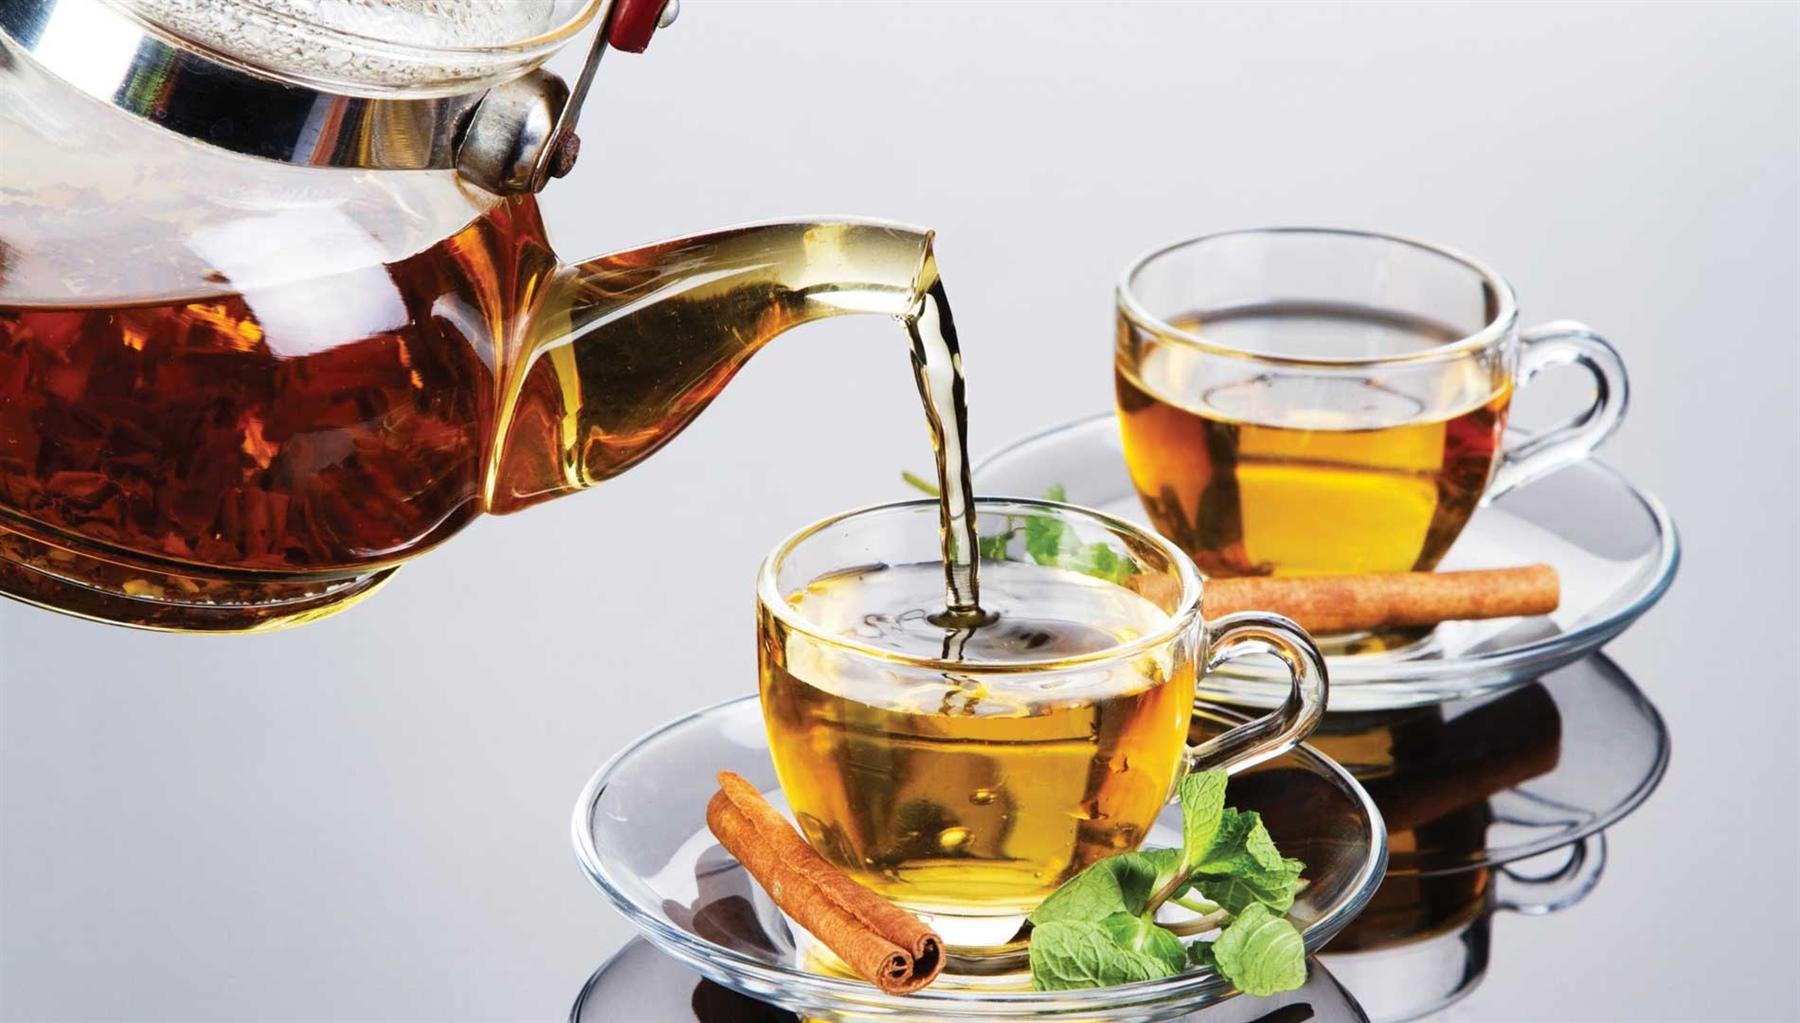 bitkisel-zayiflama-caylari-nelerdir-presim Zayıflama Çayları İsimleri ve Tarifleri